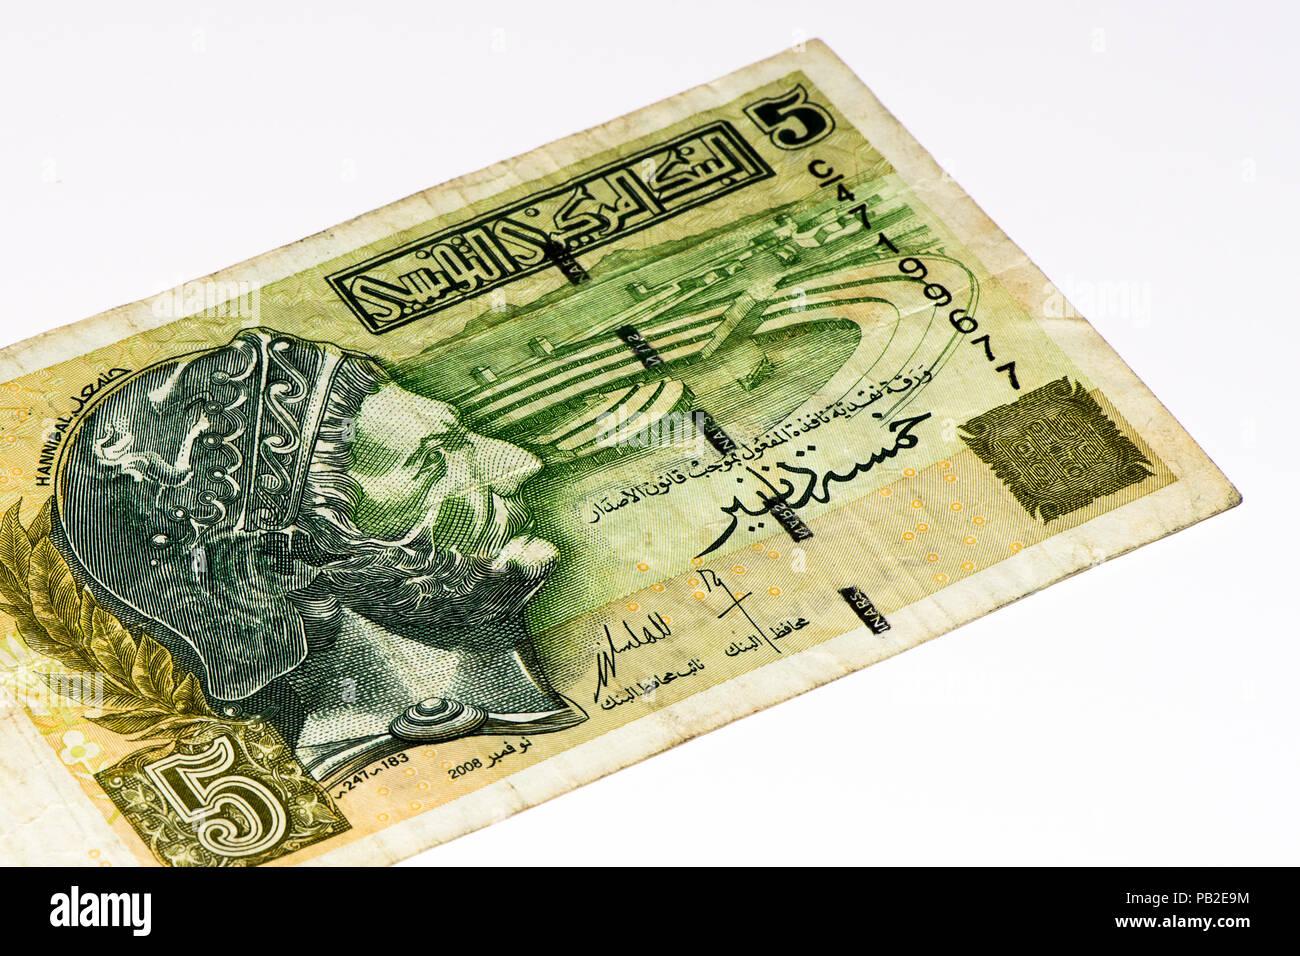 5 Tunesischer Dinar Bank Note Tunesischer Dinar Ist Die Nationale